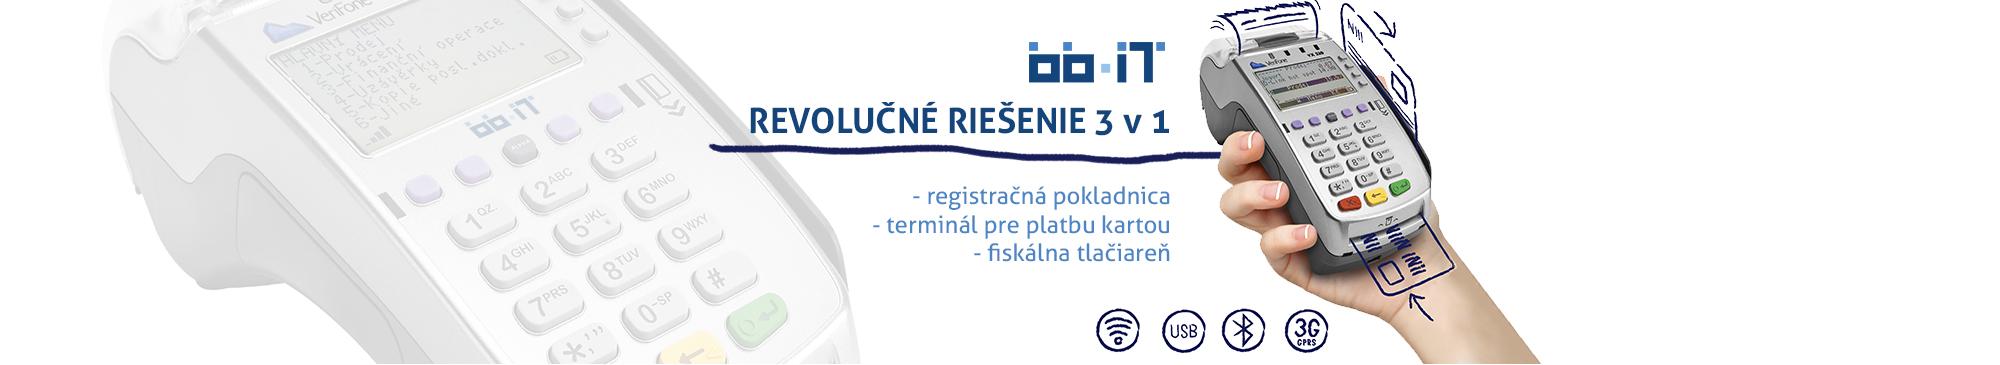 banner-BBIT-A3soft